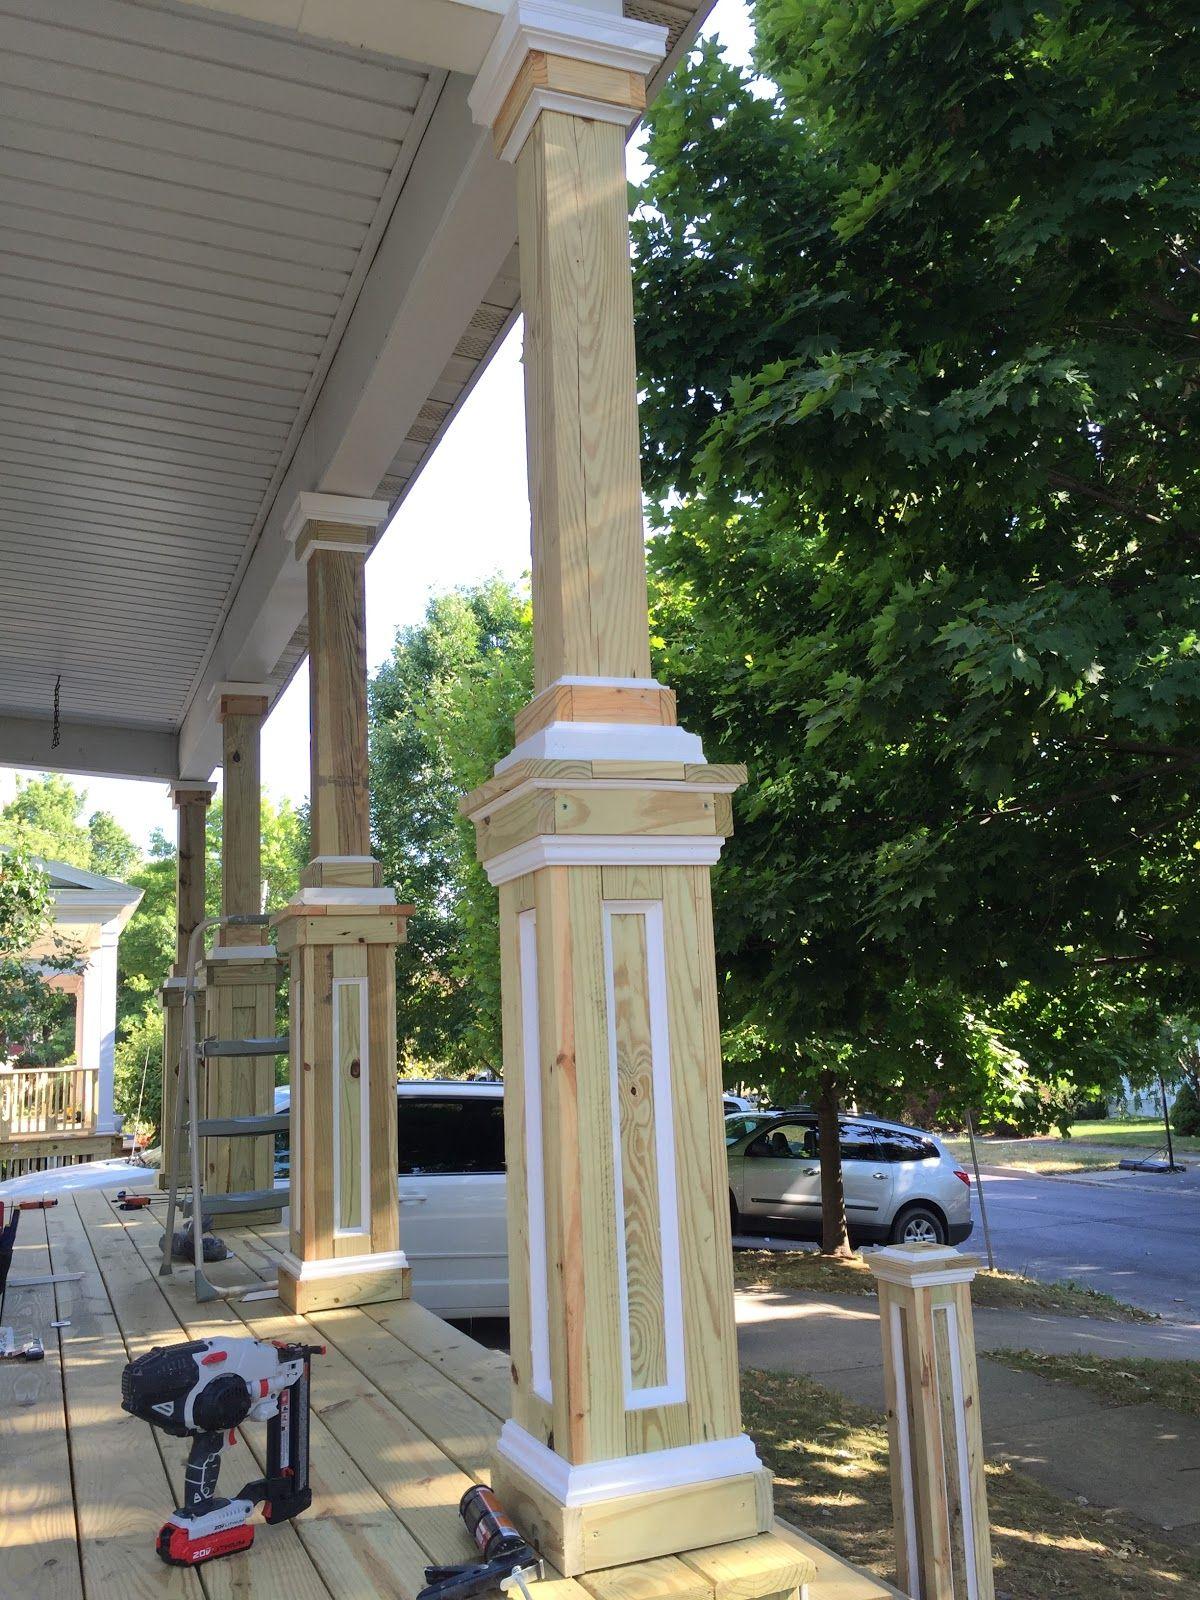 Img 9199 Jpg 1 200 1 600 Pixels Porch Columns House Front Porch Front Porch Columns